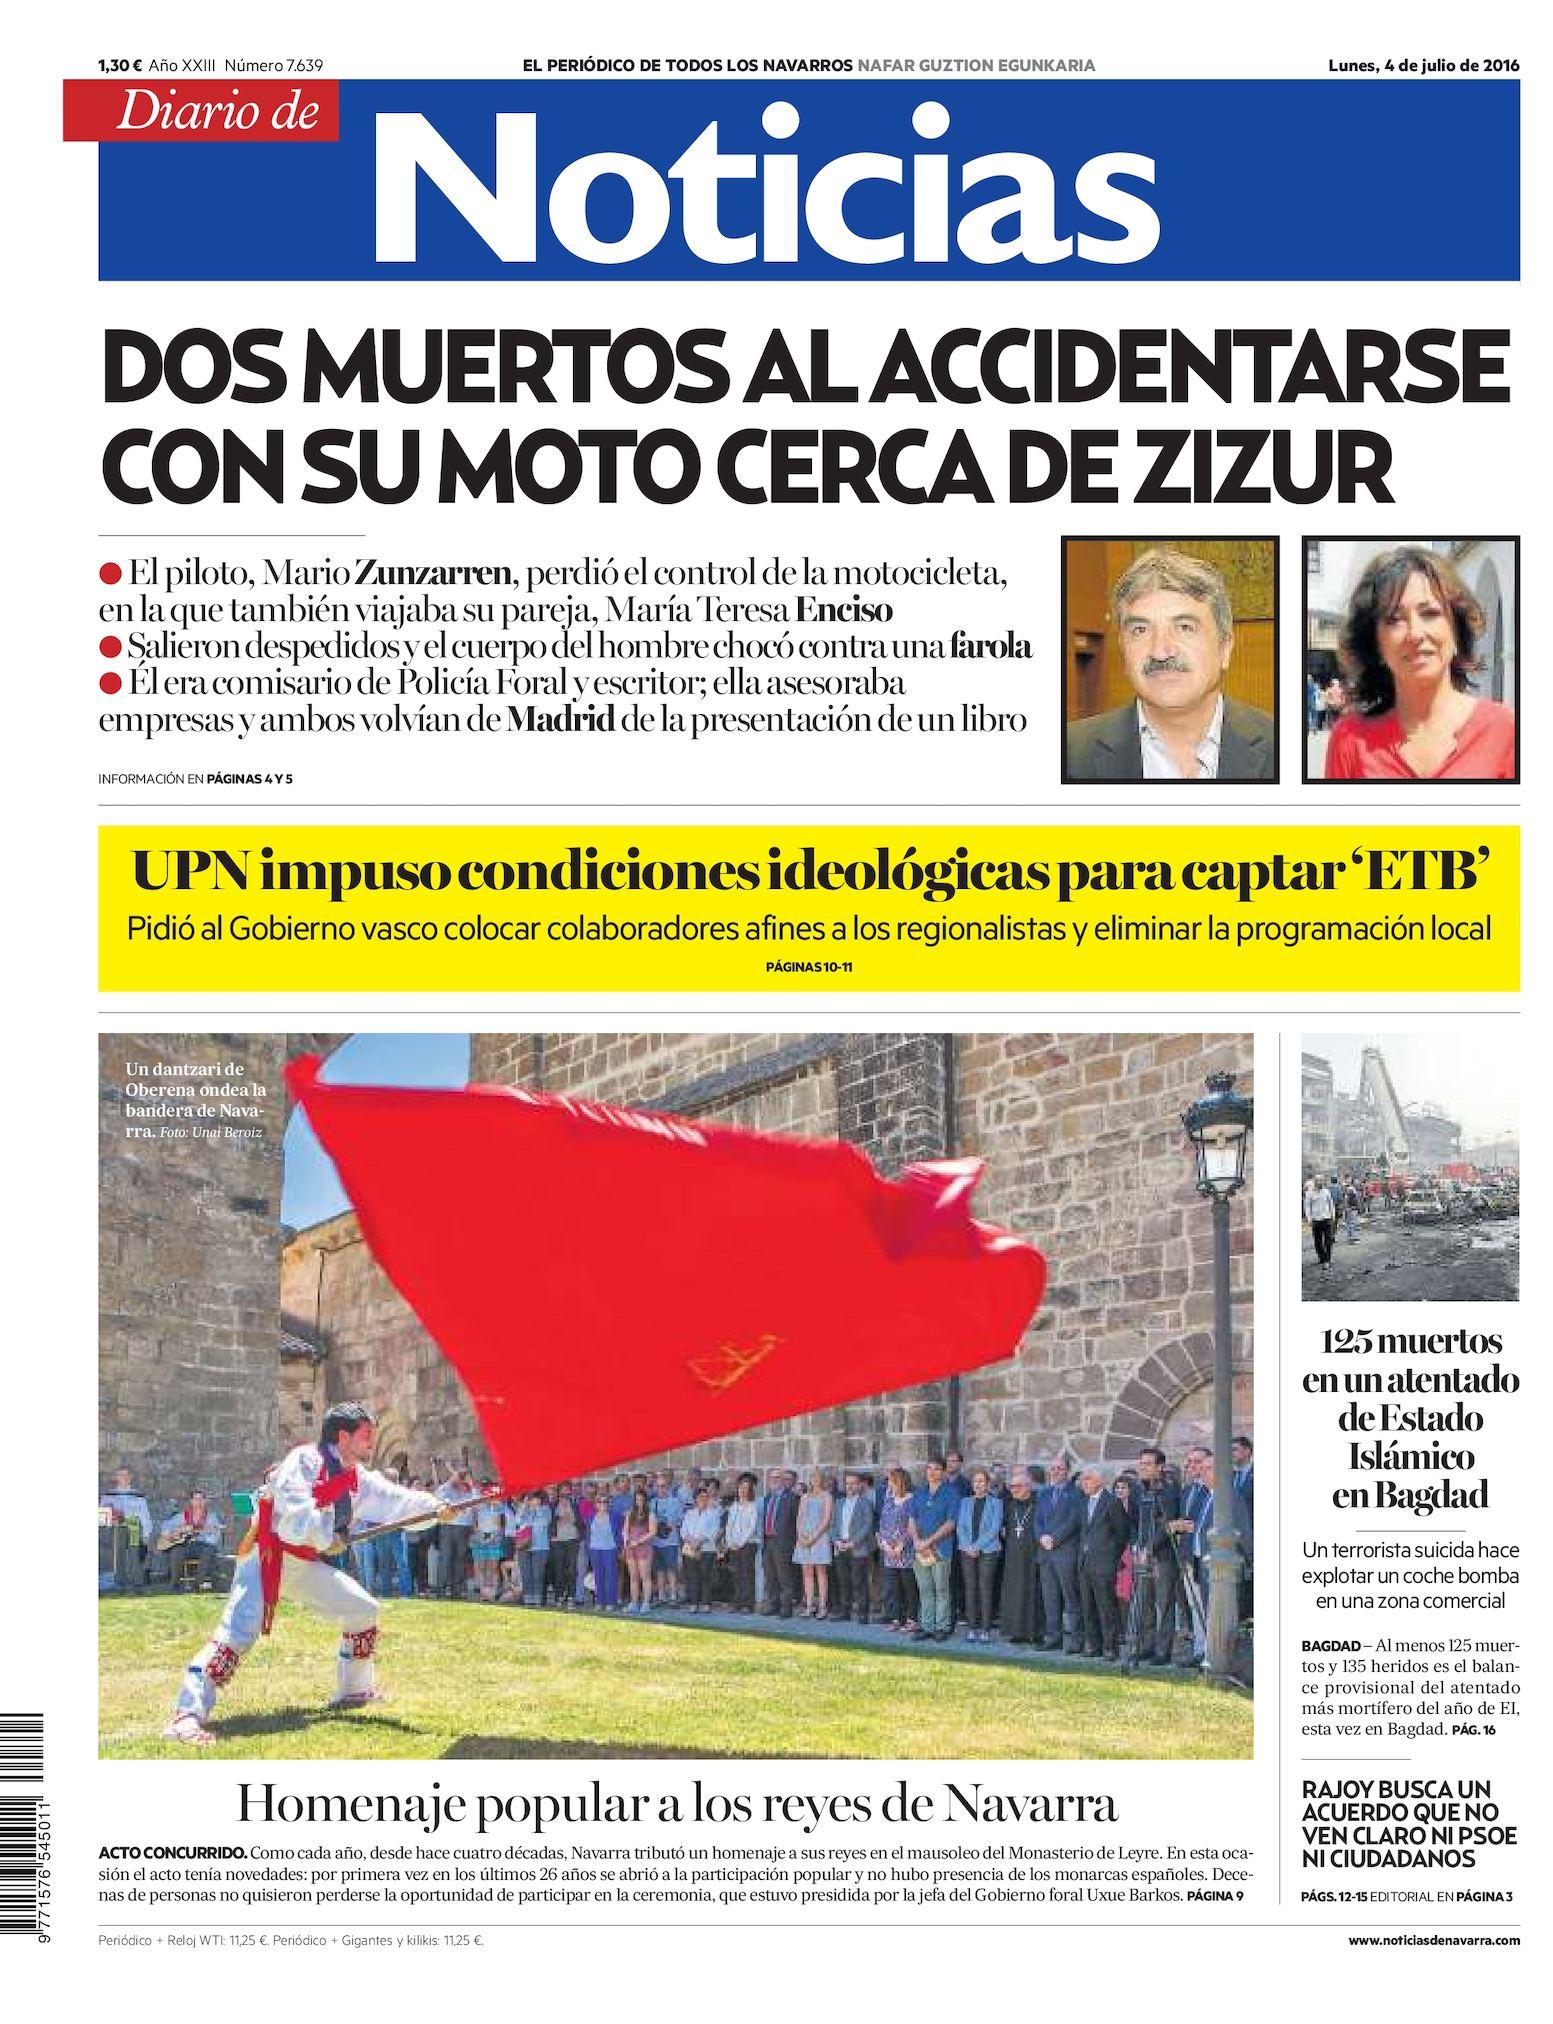 Calaméo - Diario de Noticias 20160704